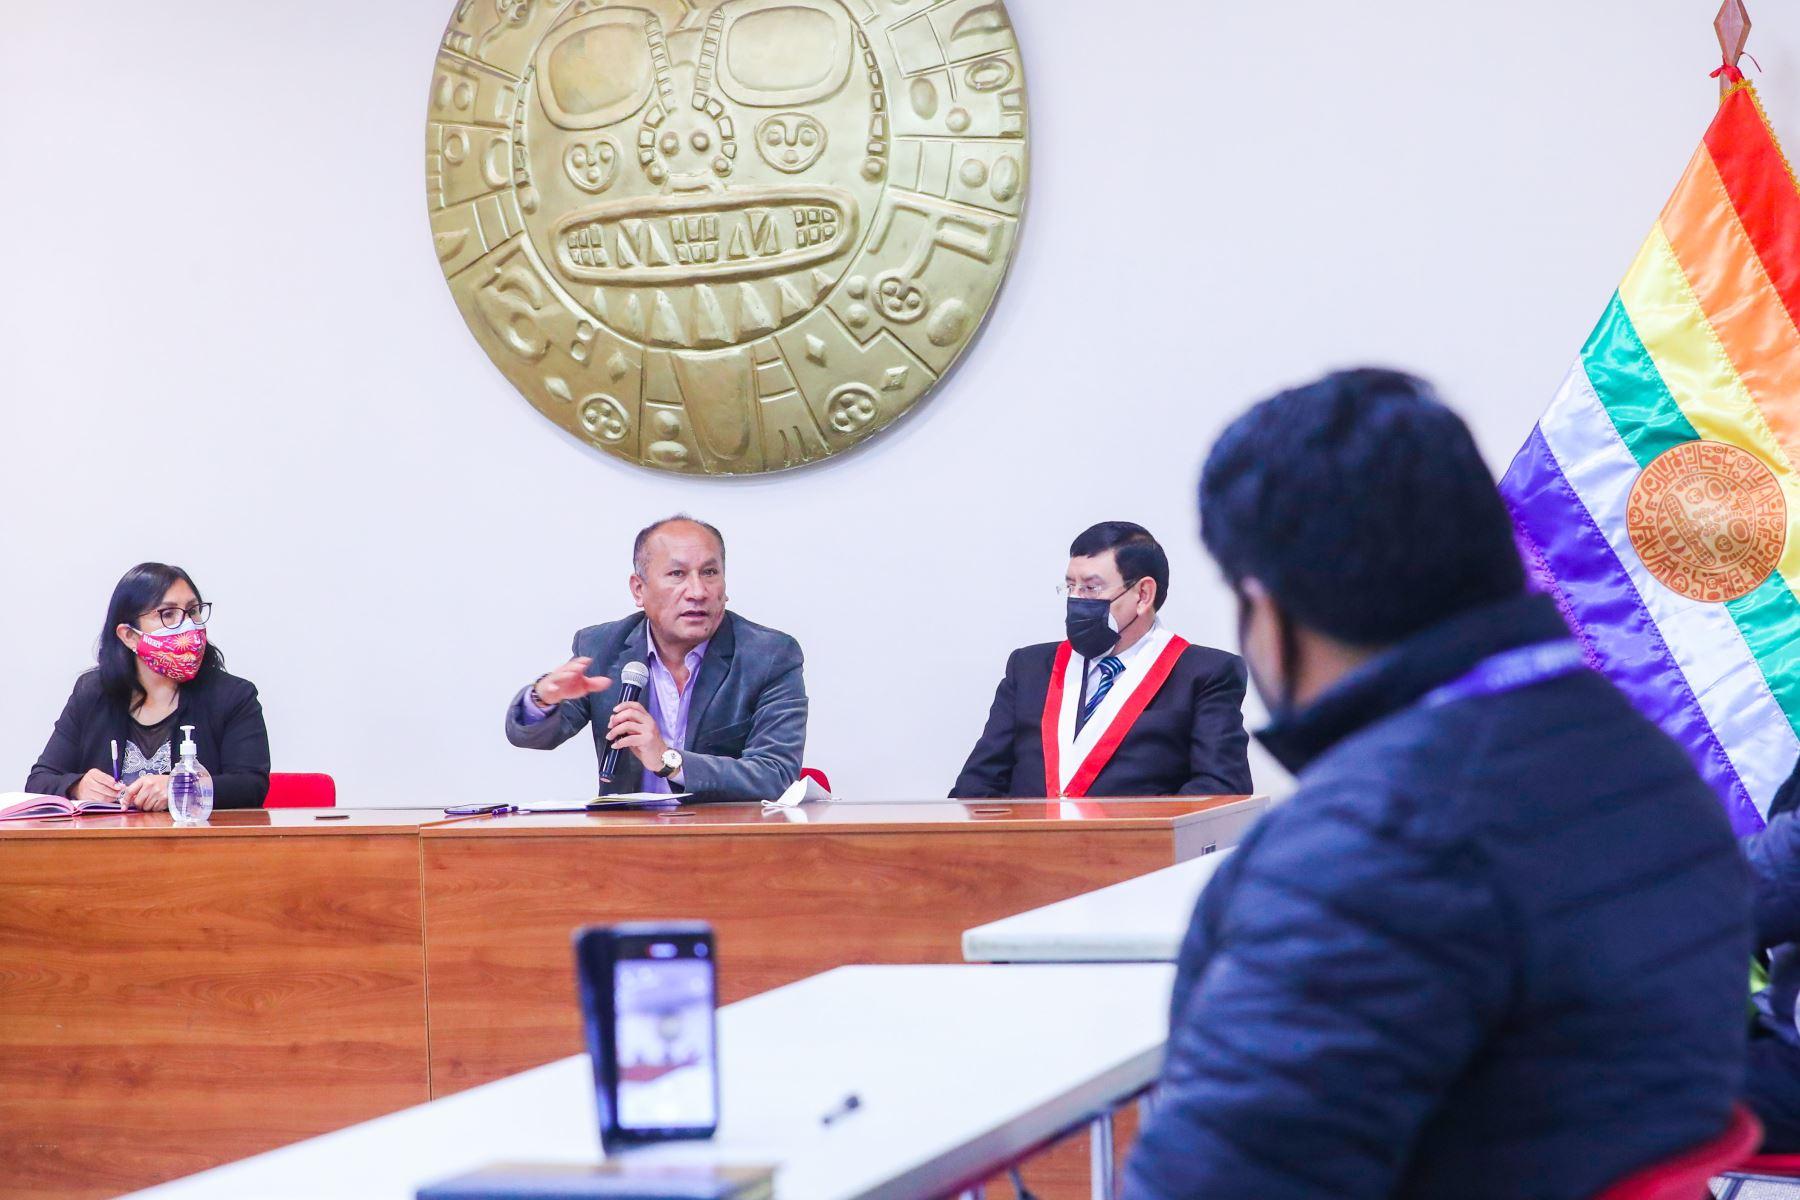 Juan Silva, Ministro de Transporte y Comunicaciones participó en la audiencia de la Comisión de Transportes y Comunicaciones del Congreso en el Cusco. Foto:MTC